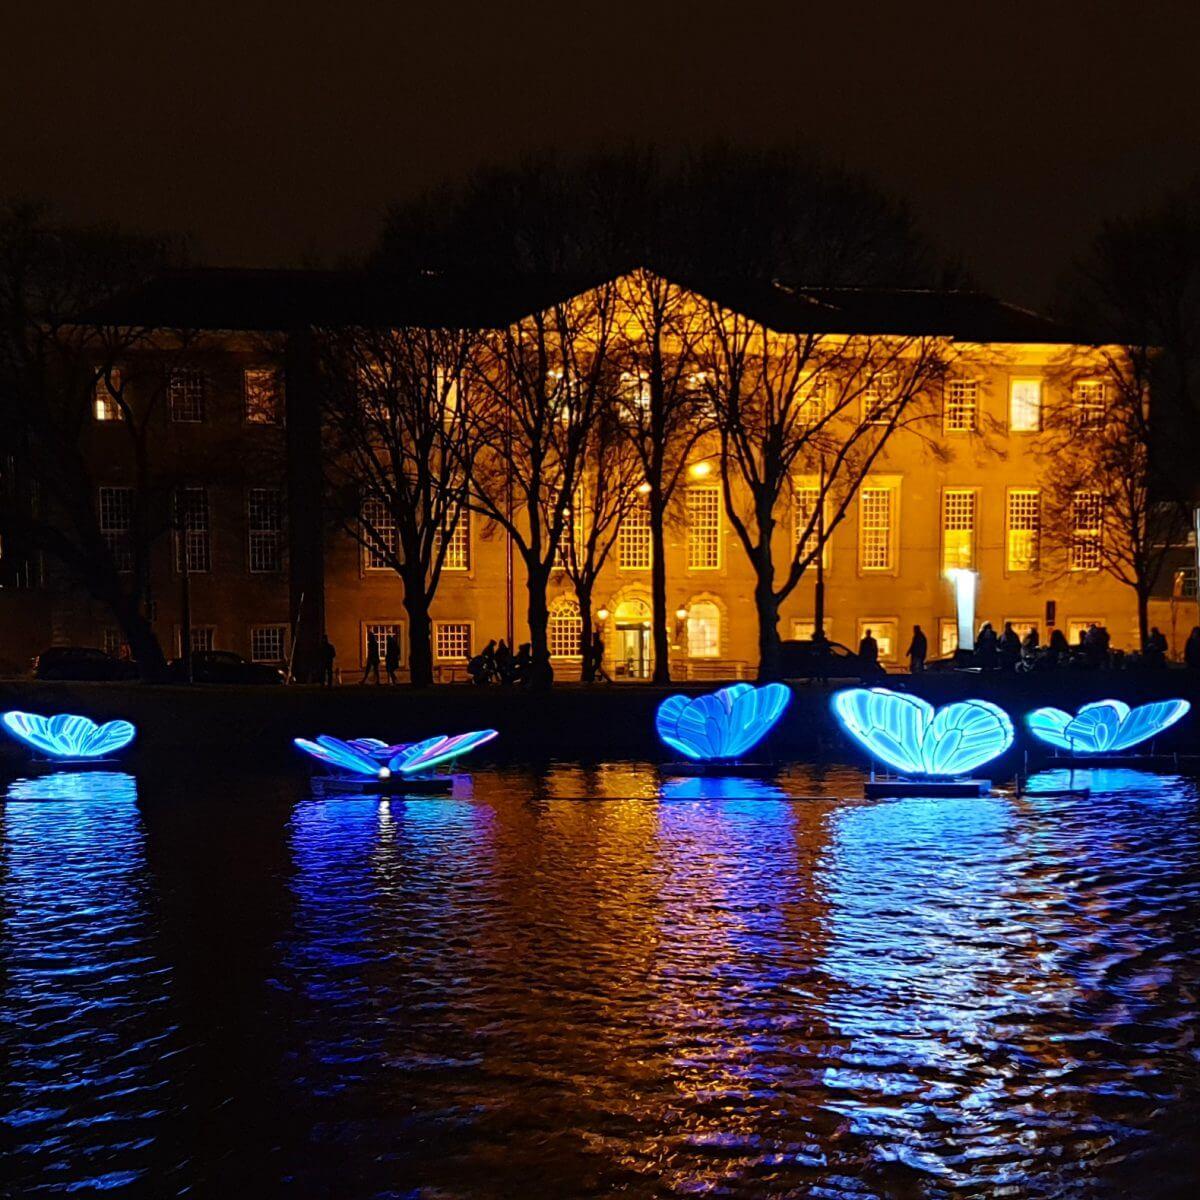 Fabeltjeskrant boottocht voor kinderen bij het AmsterdamLight Festival - kunstwerk Butterfly Effect met vlinders in het water